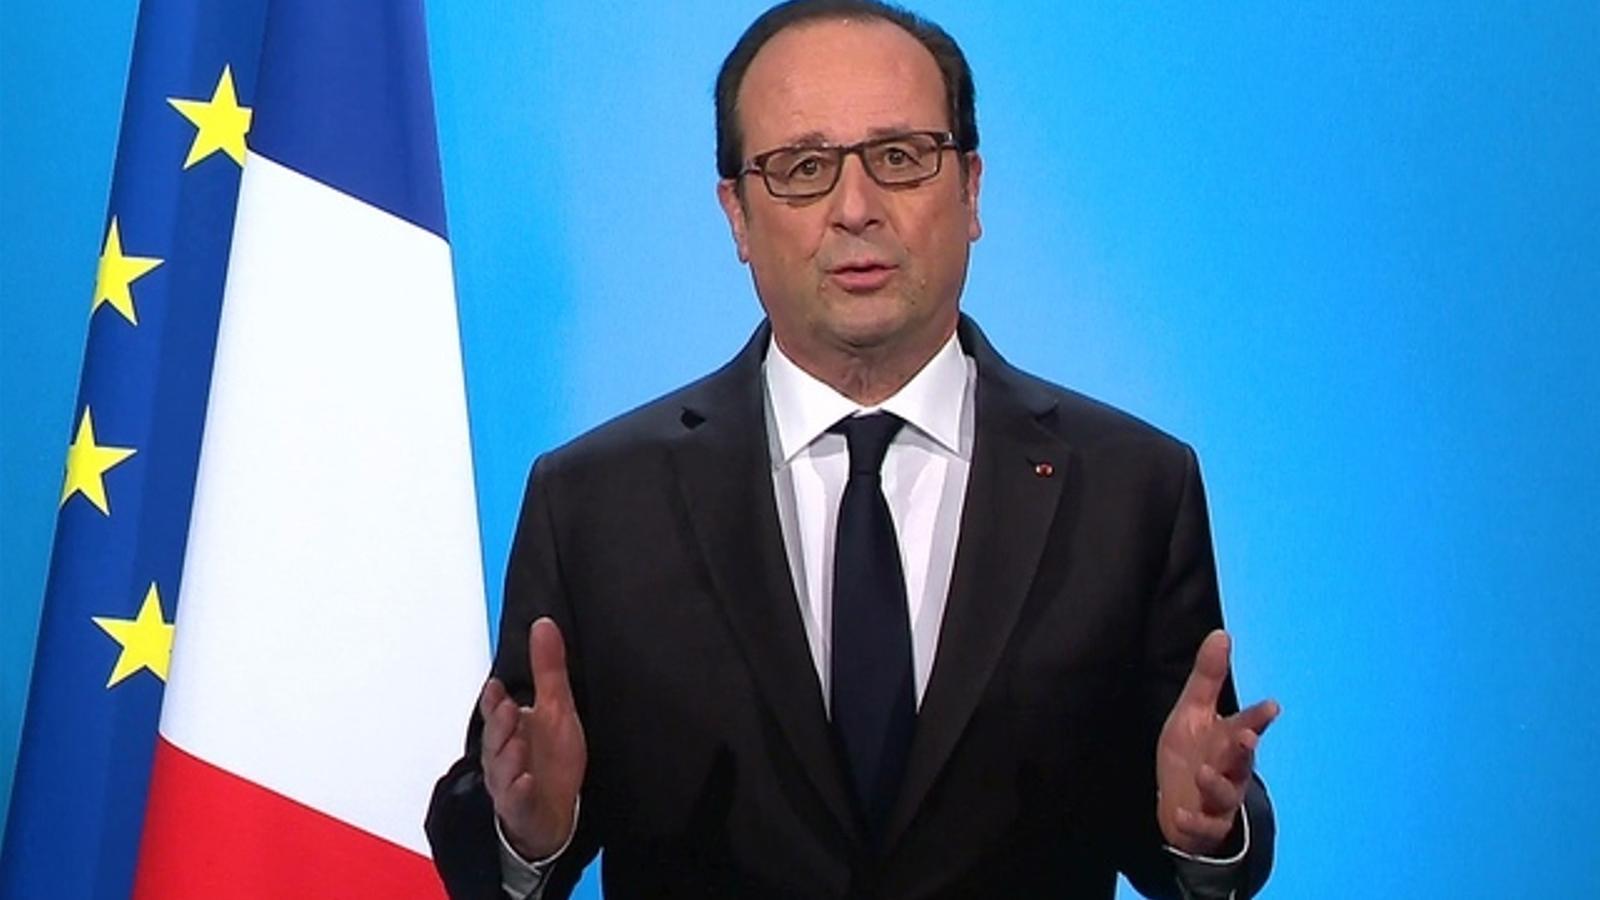 Hollande en el moment de l'anunci.